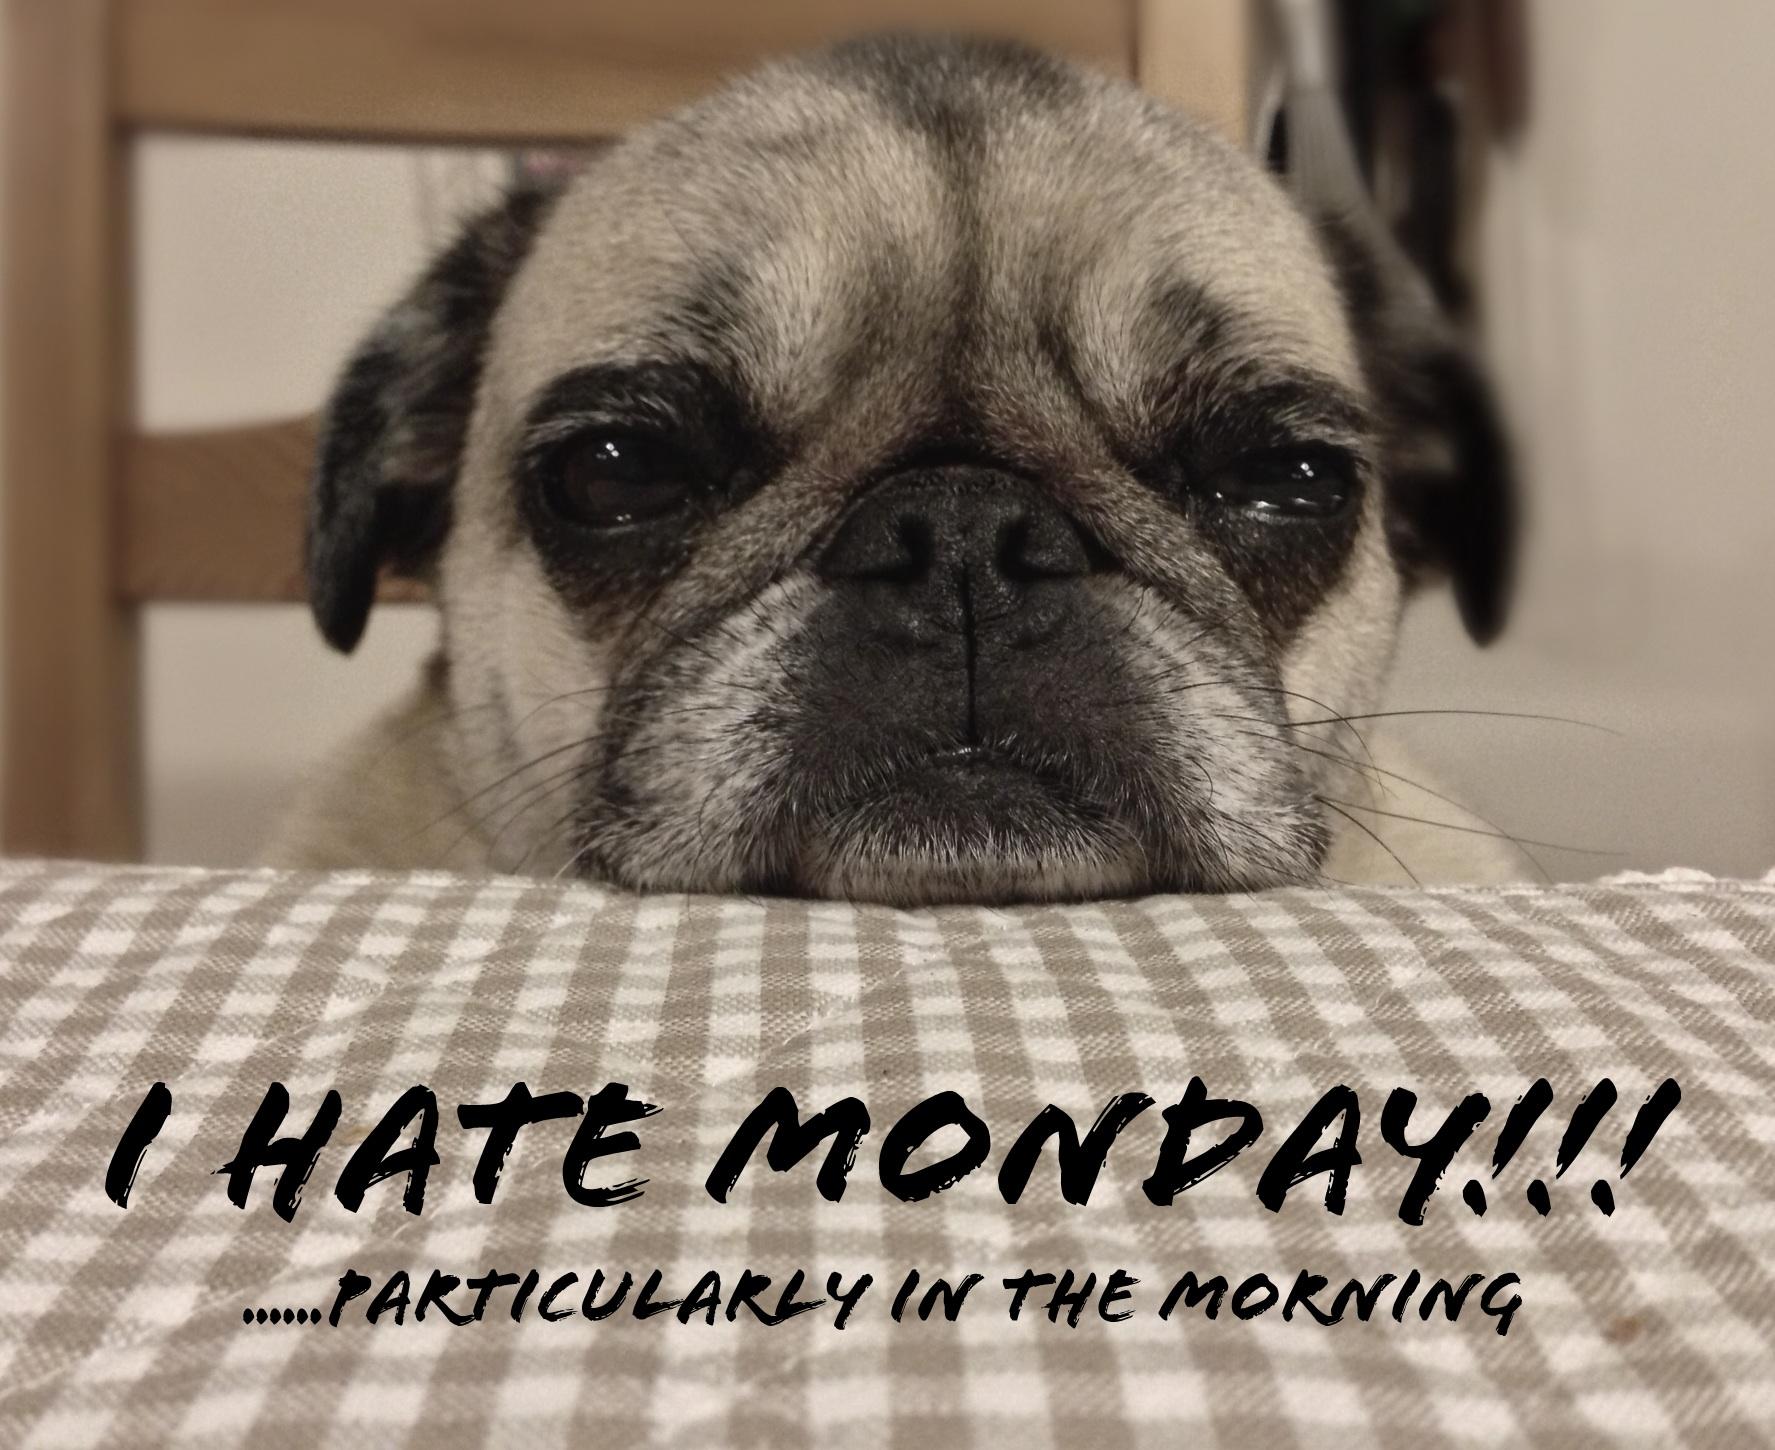 I Hate Monday Images I hate monday |...